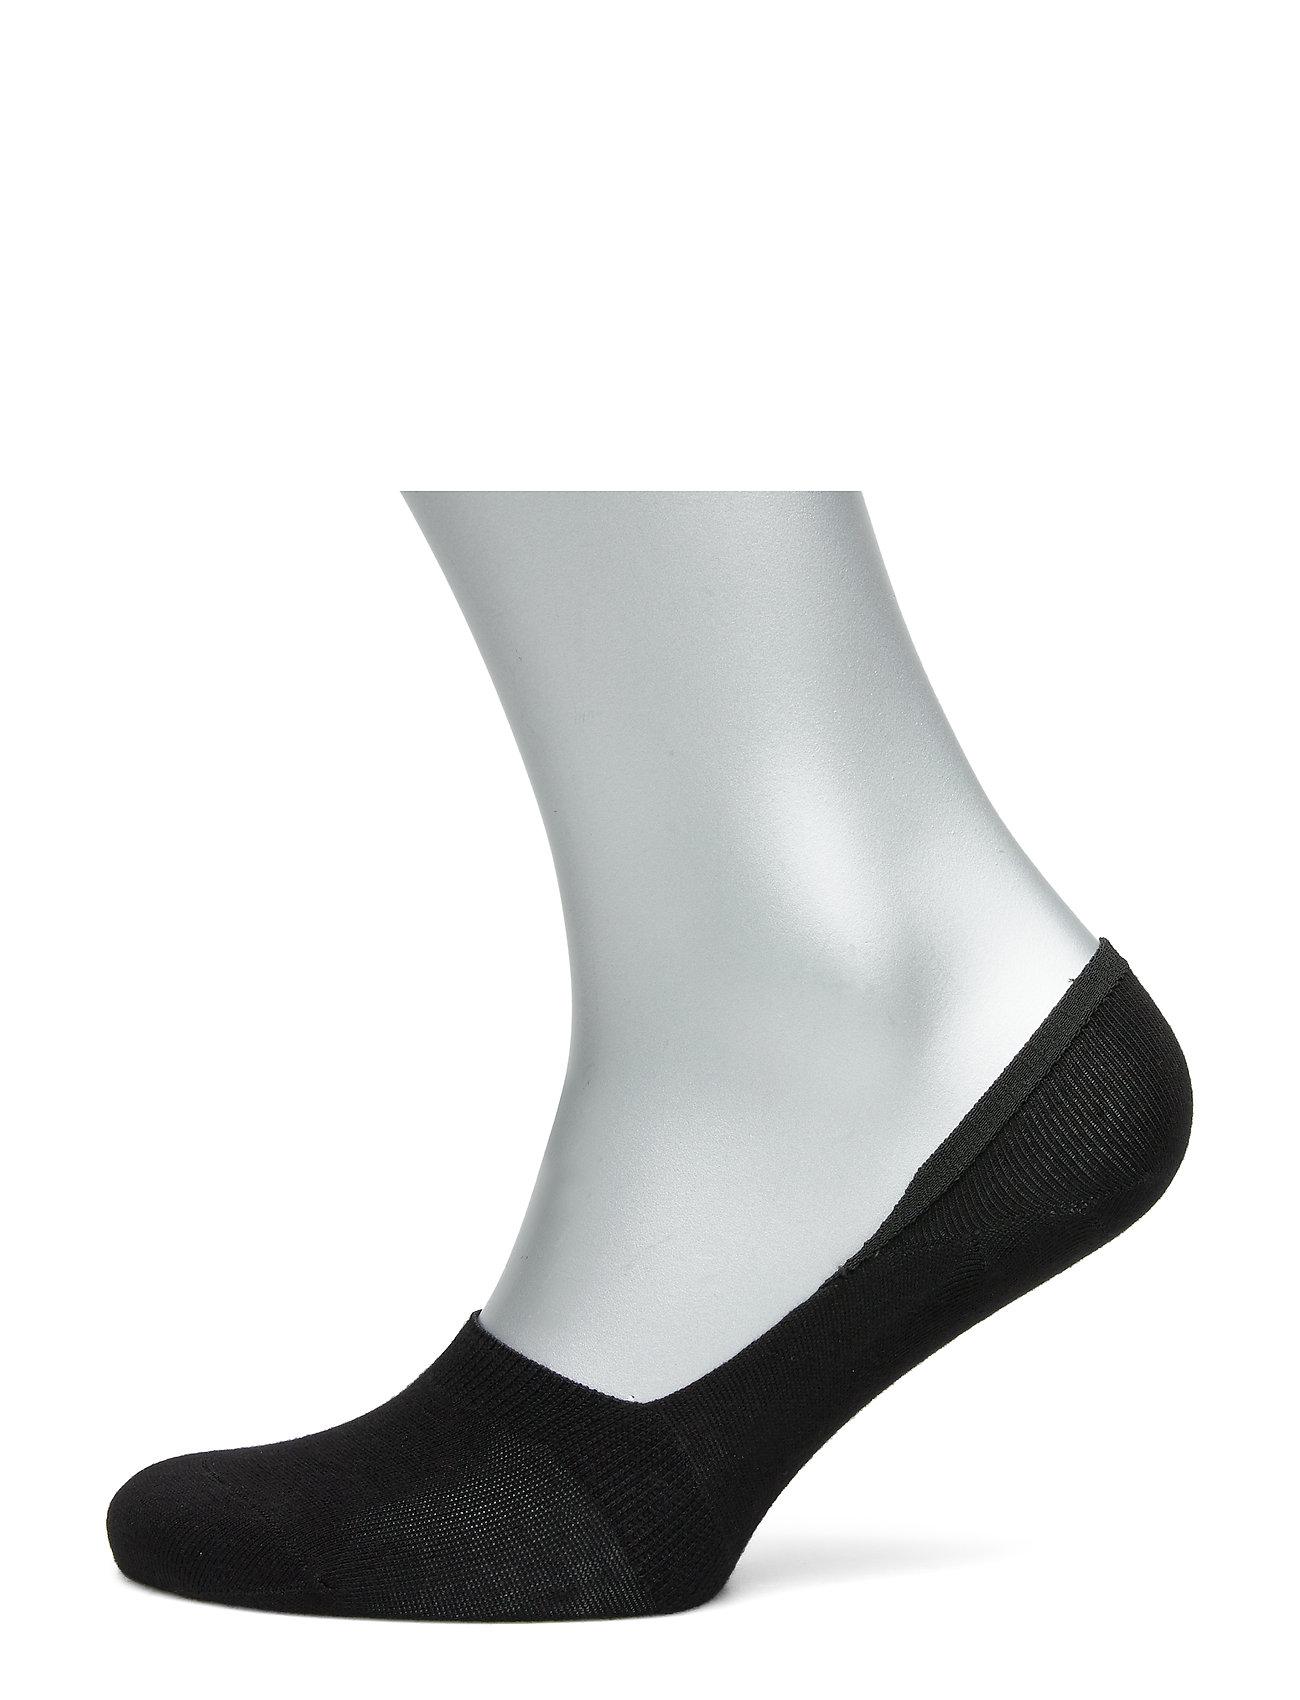 Image of Footies Low Cut Eco Lingerie Socks Footies/Ankle Socks Sort Lindex (3461329453)